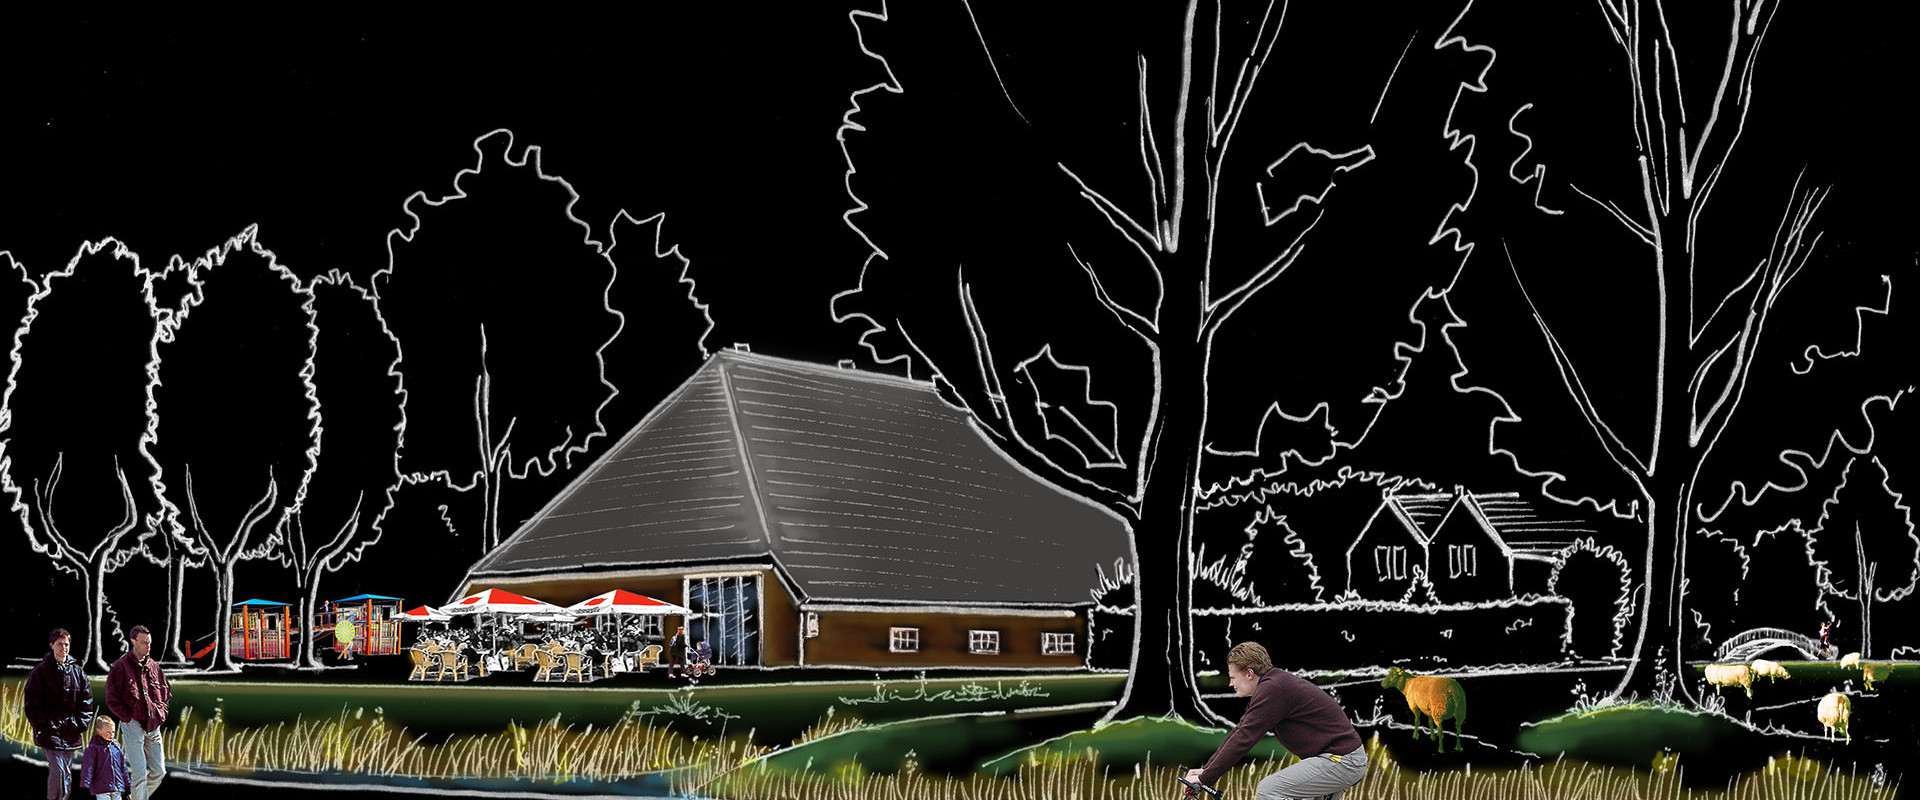 schets gezinsboerderij Overkamp